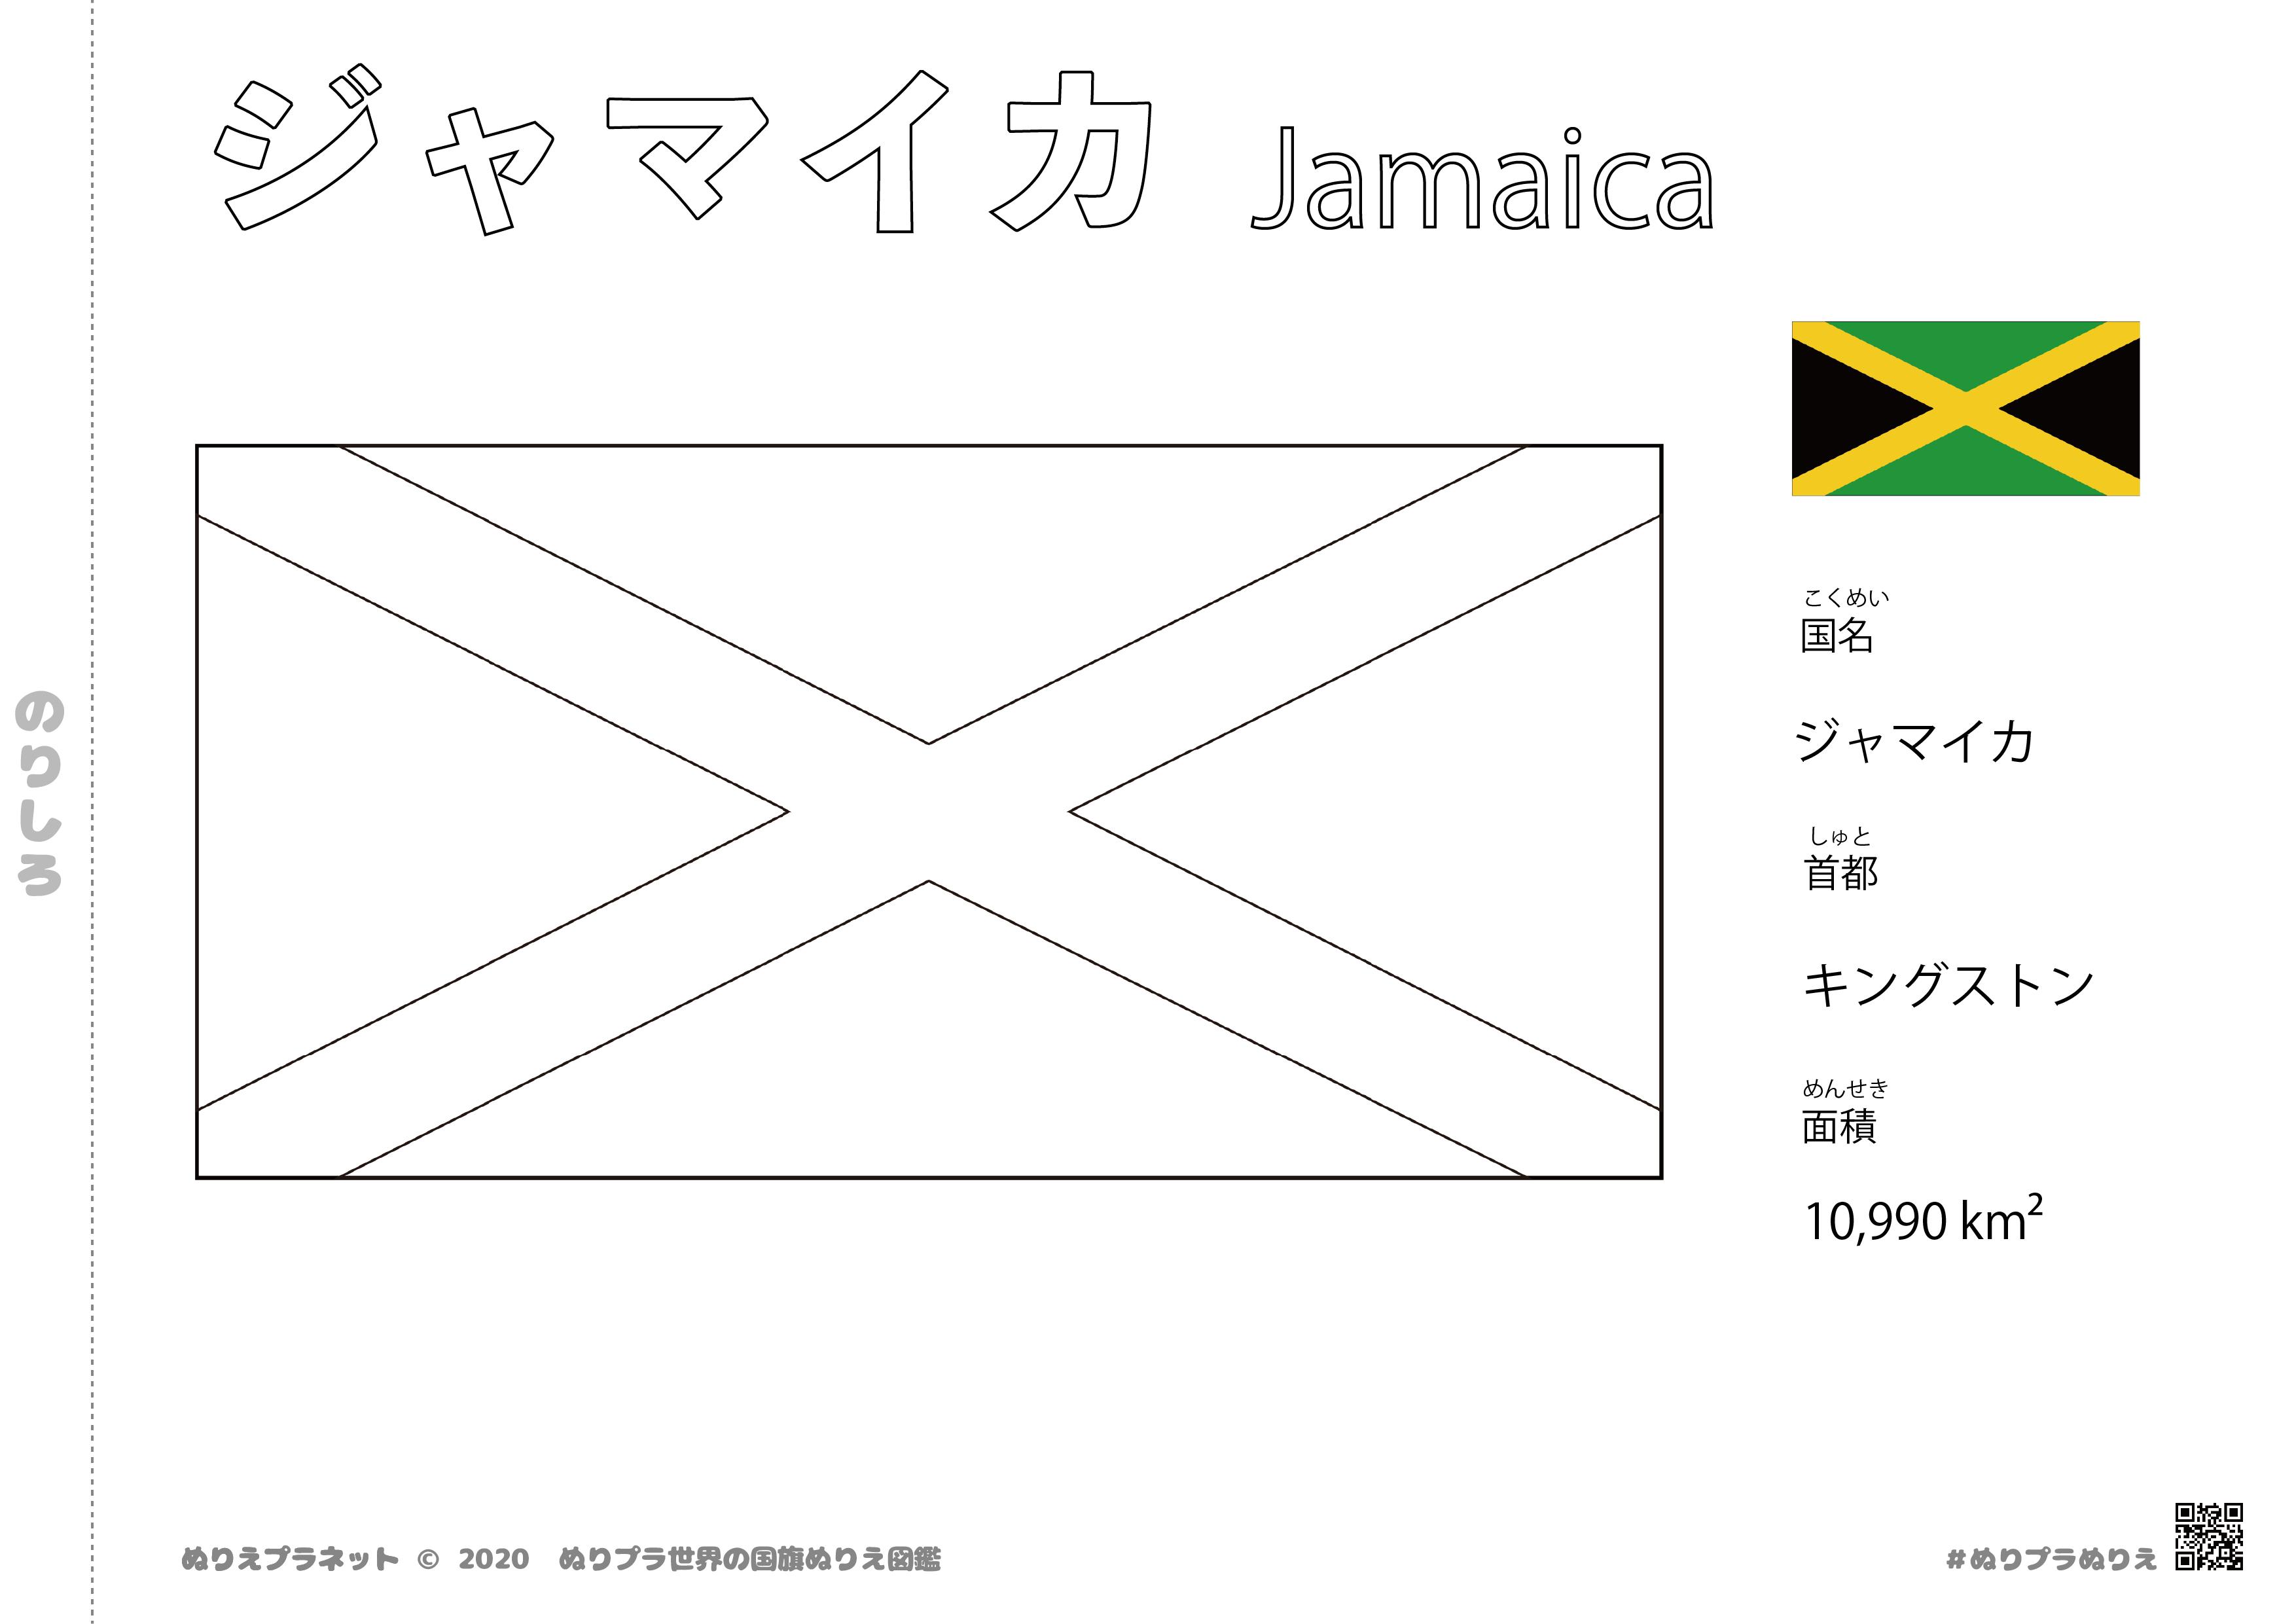 世界の国旗ぬりえ図鑑シリーズのジャマイカの国旗です。